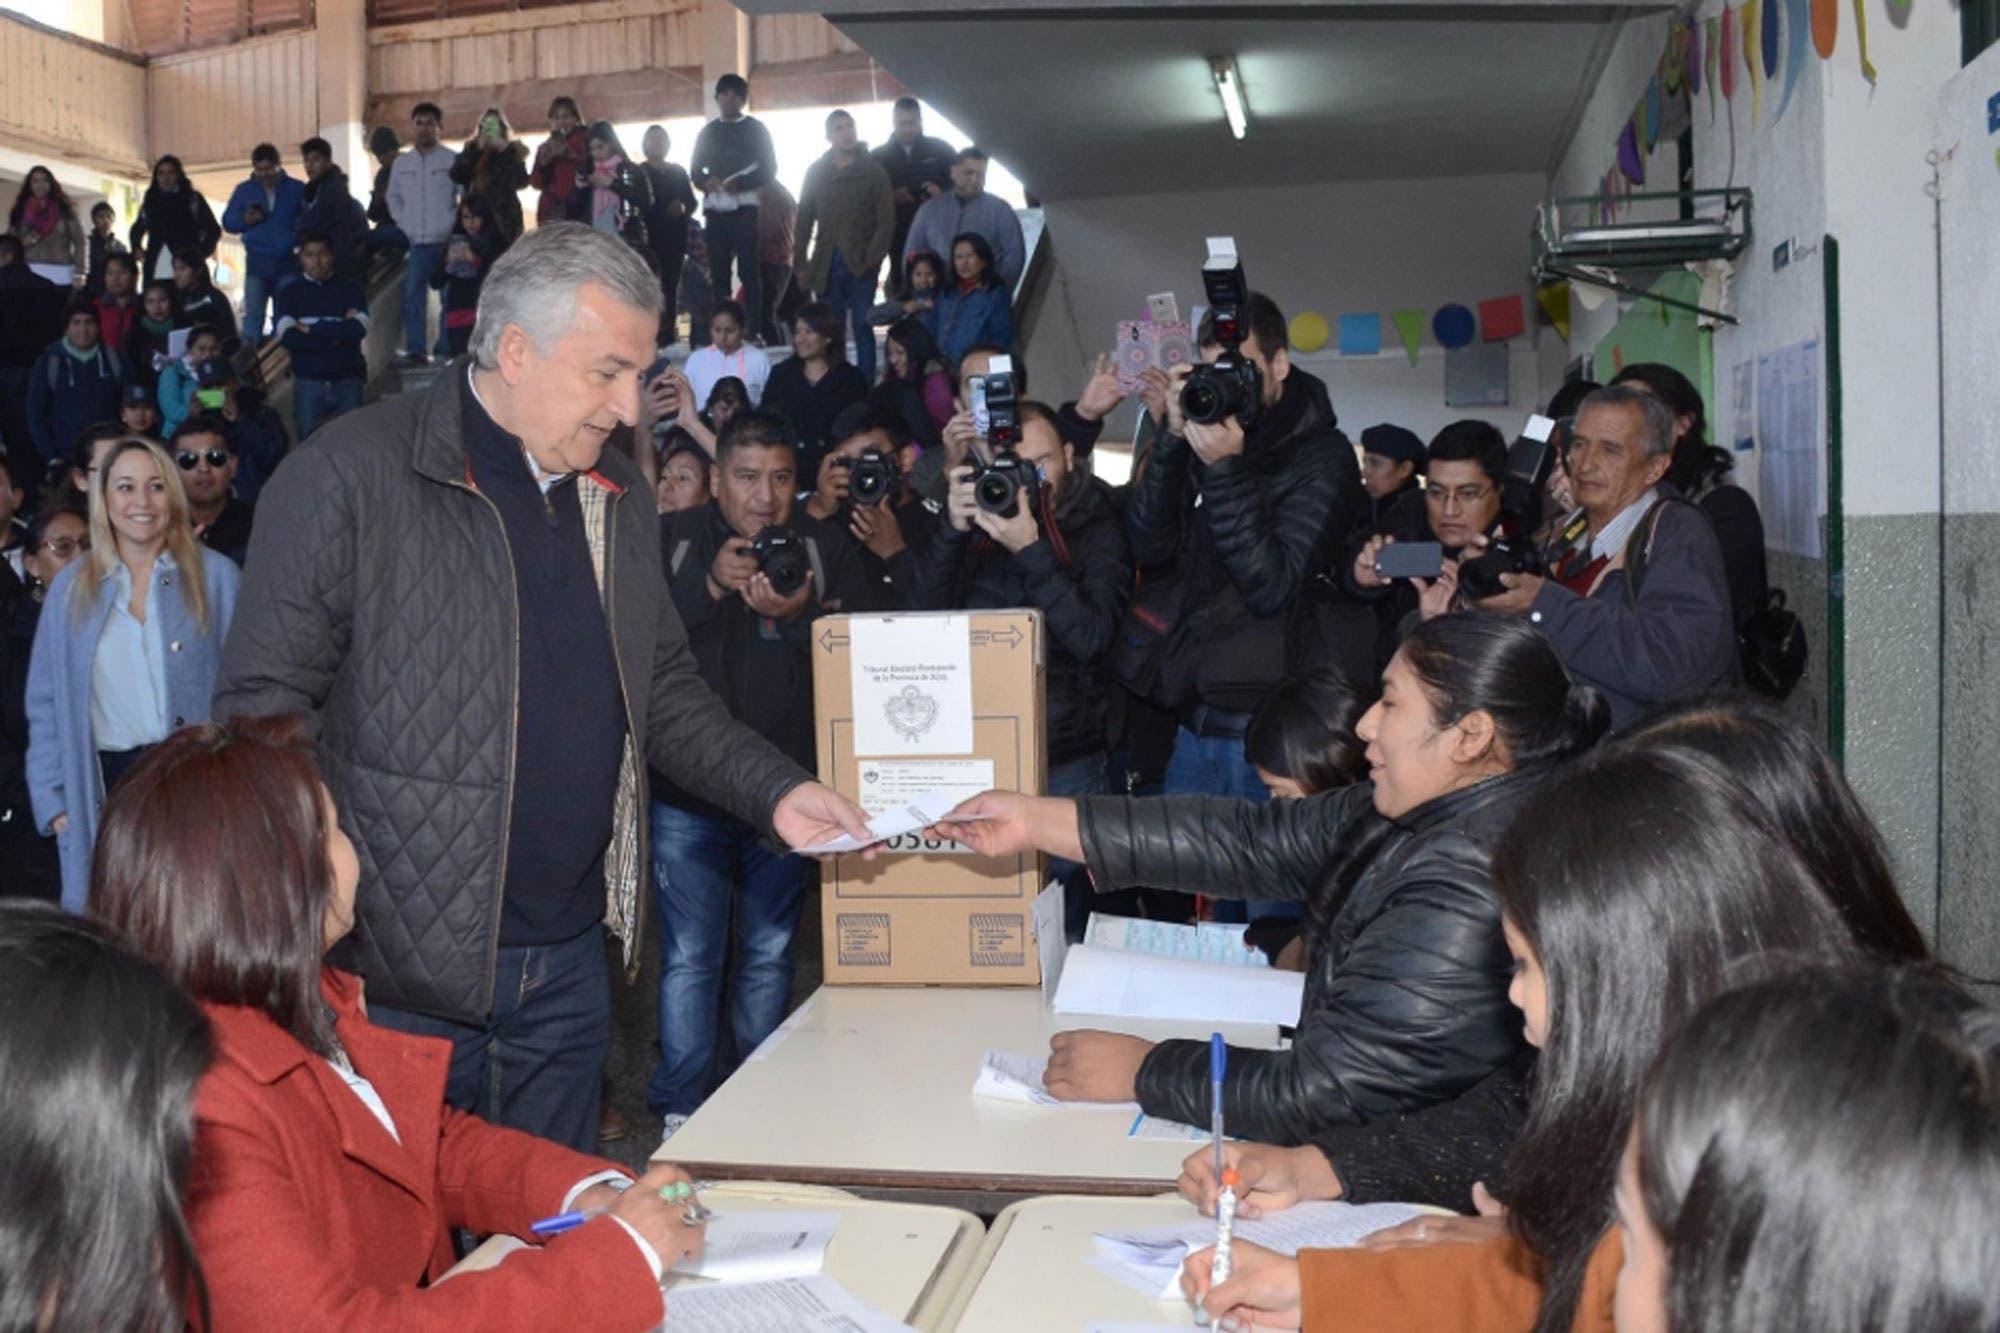 Elecciones en Jujuy: se esperan los primeros resultados tras el cierre de urnas y auguran ventaja de Morales